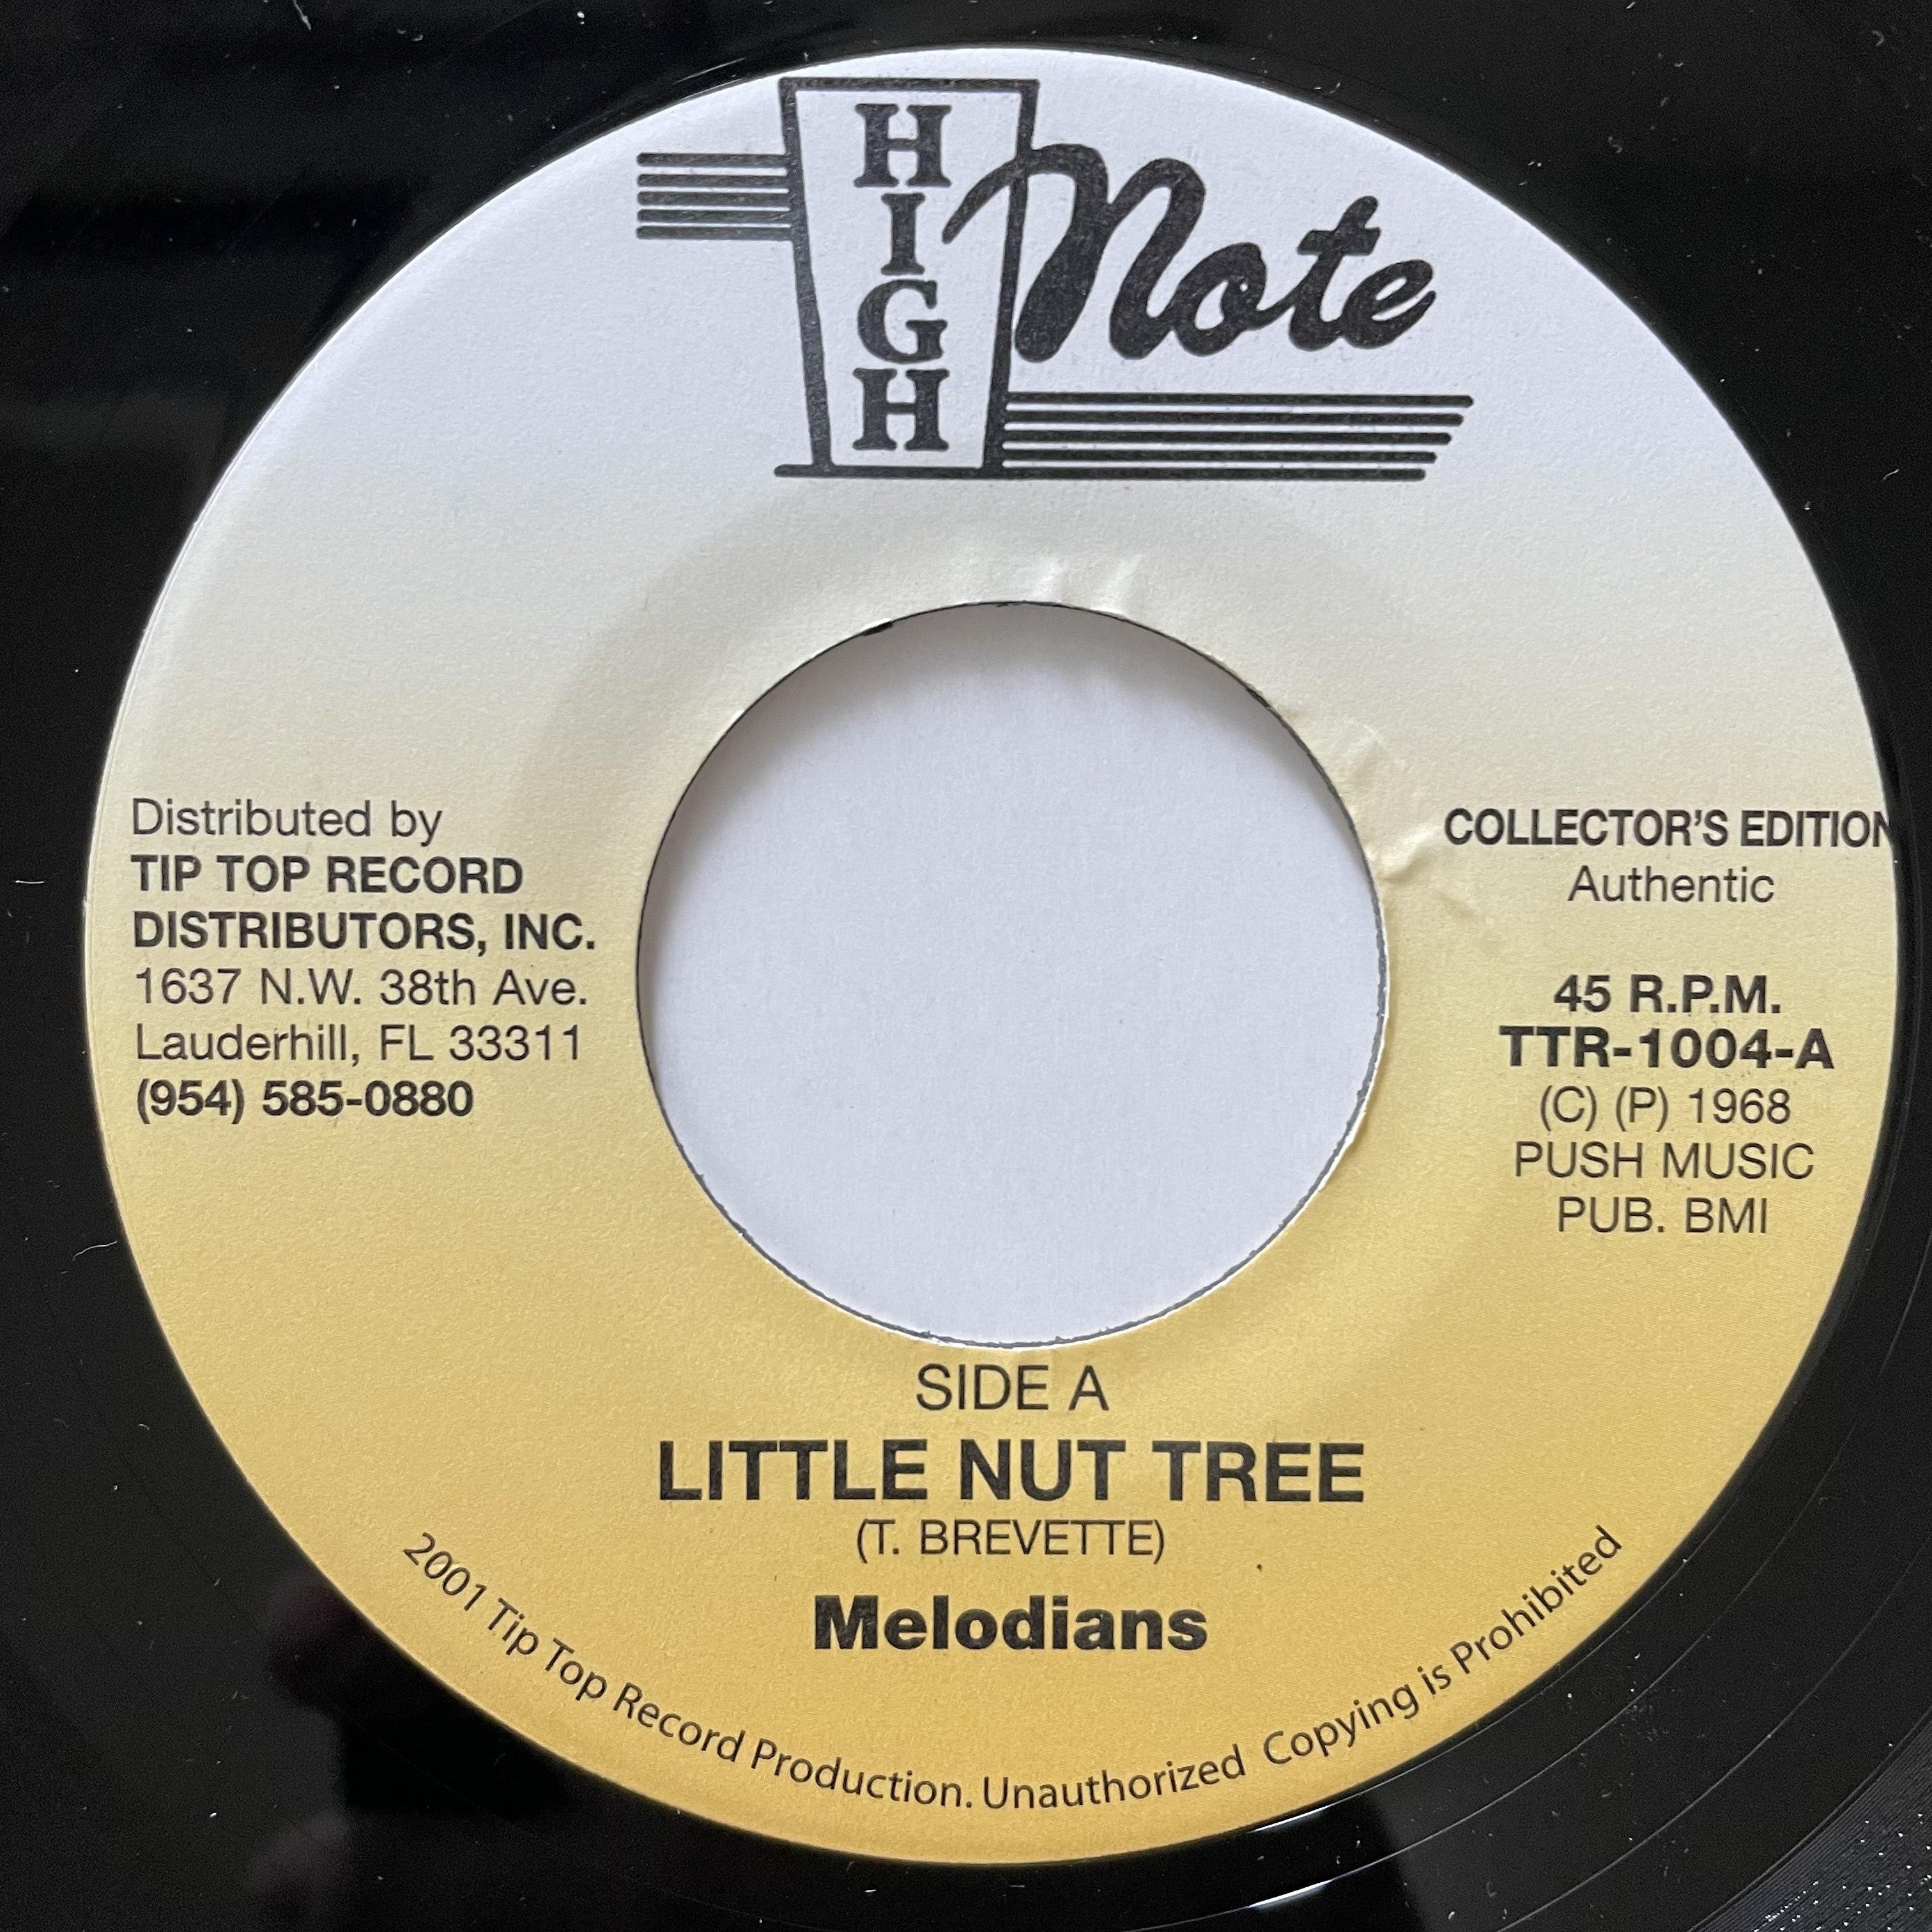 Melodians - Little Nut Tree【7-20709】